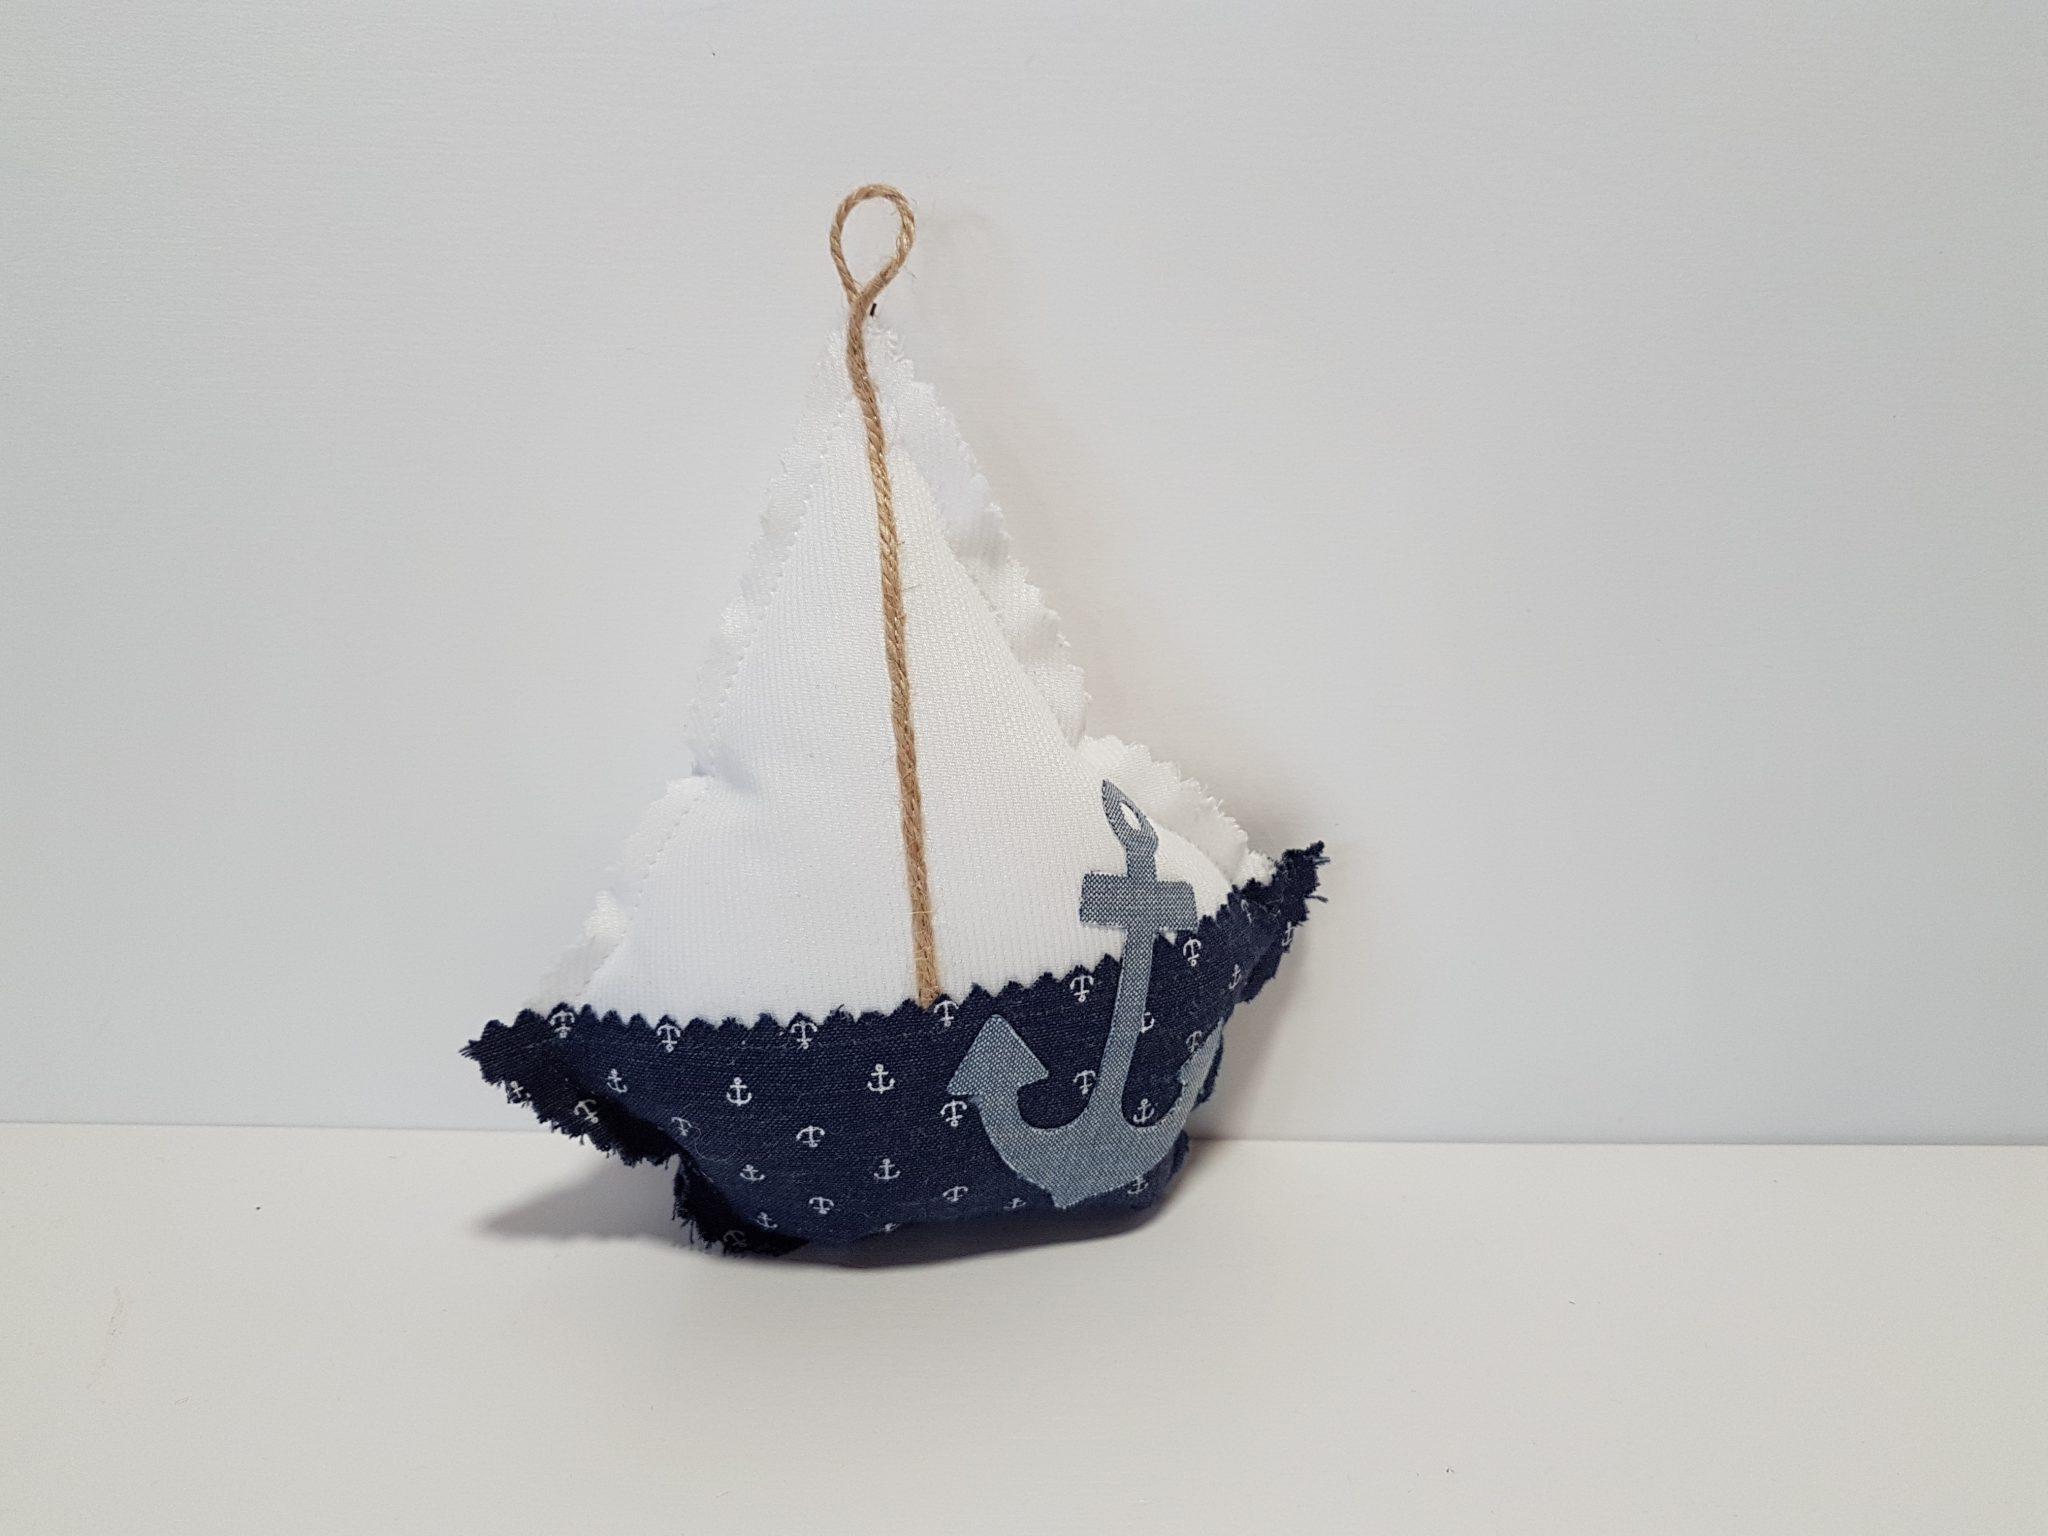 Μπομπονιέρα καράβι φουσκωτό με ύφασμα ναυτικό και απλικέ άγκυρα.